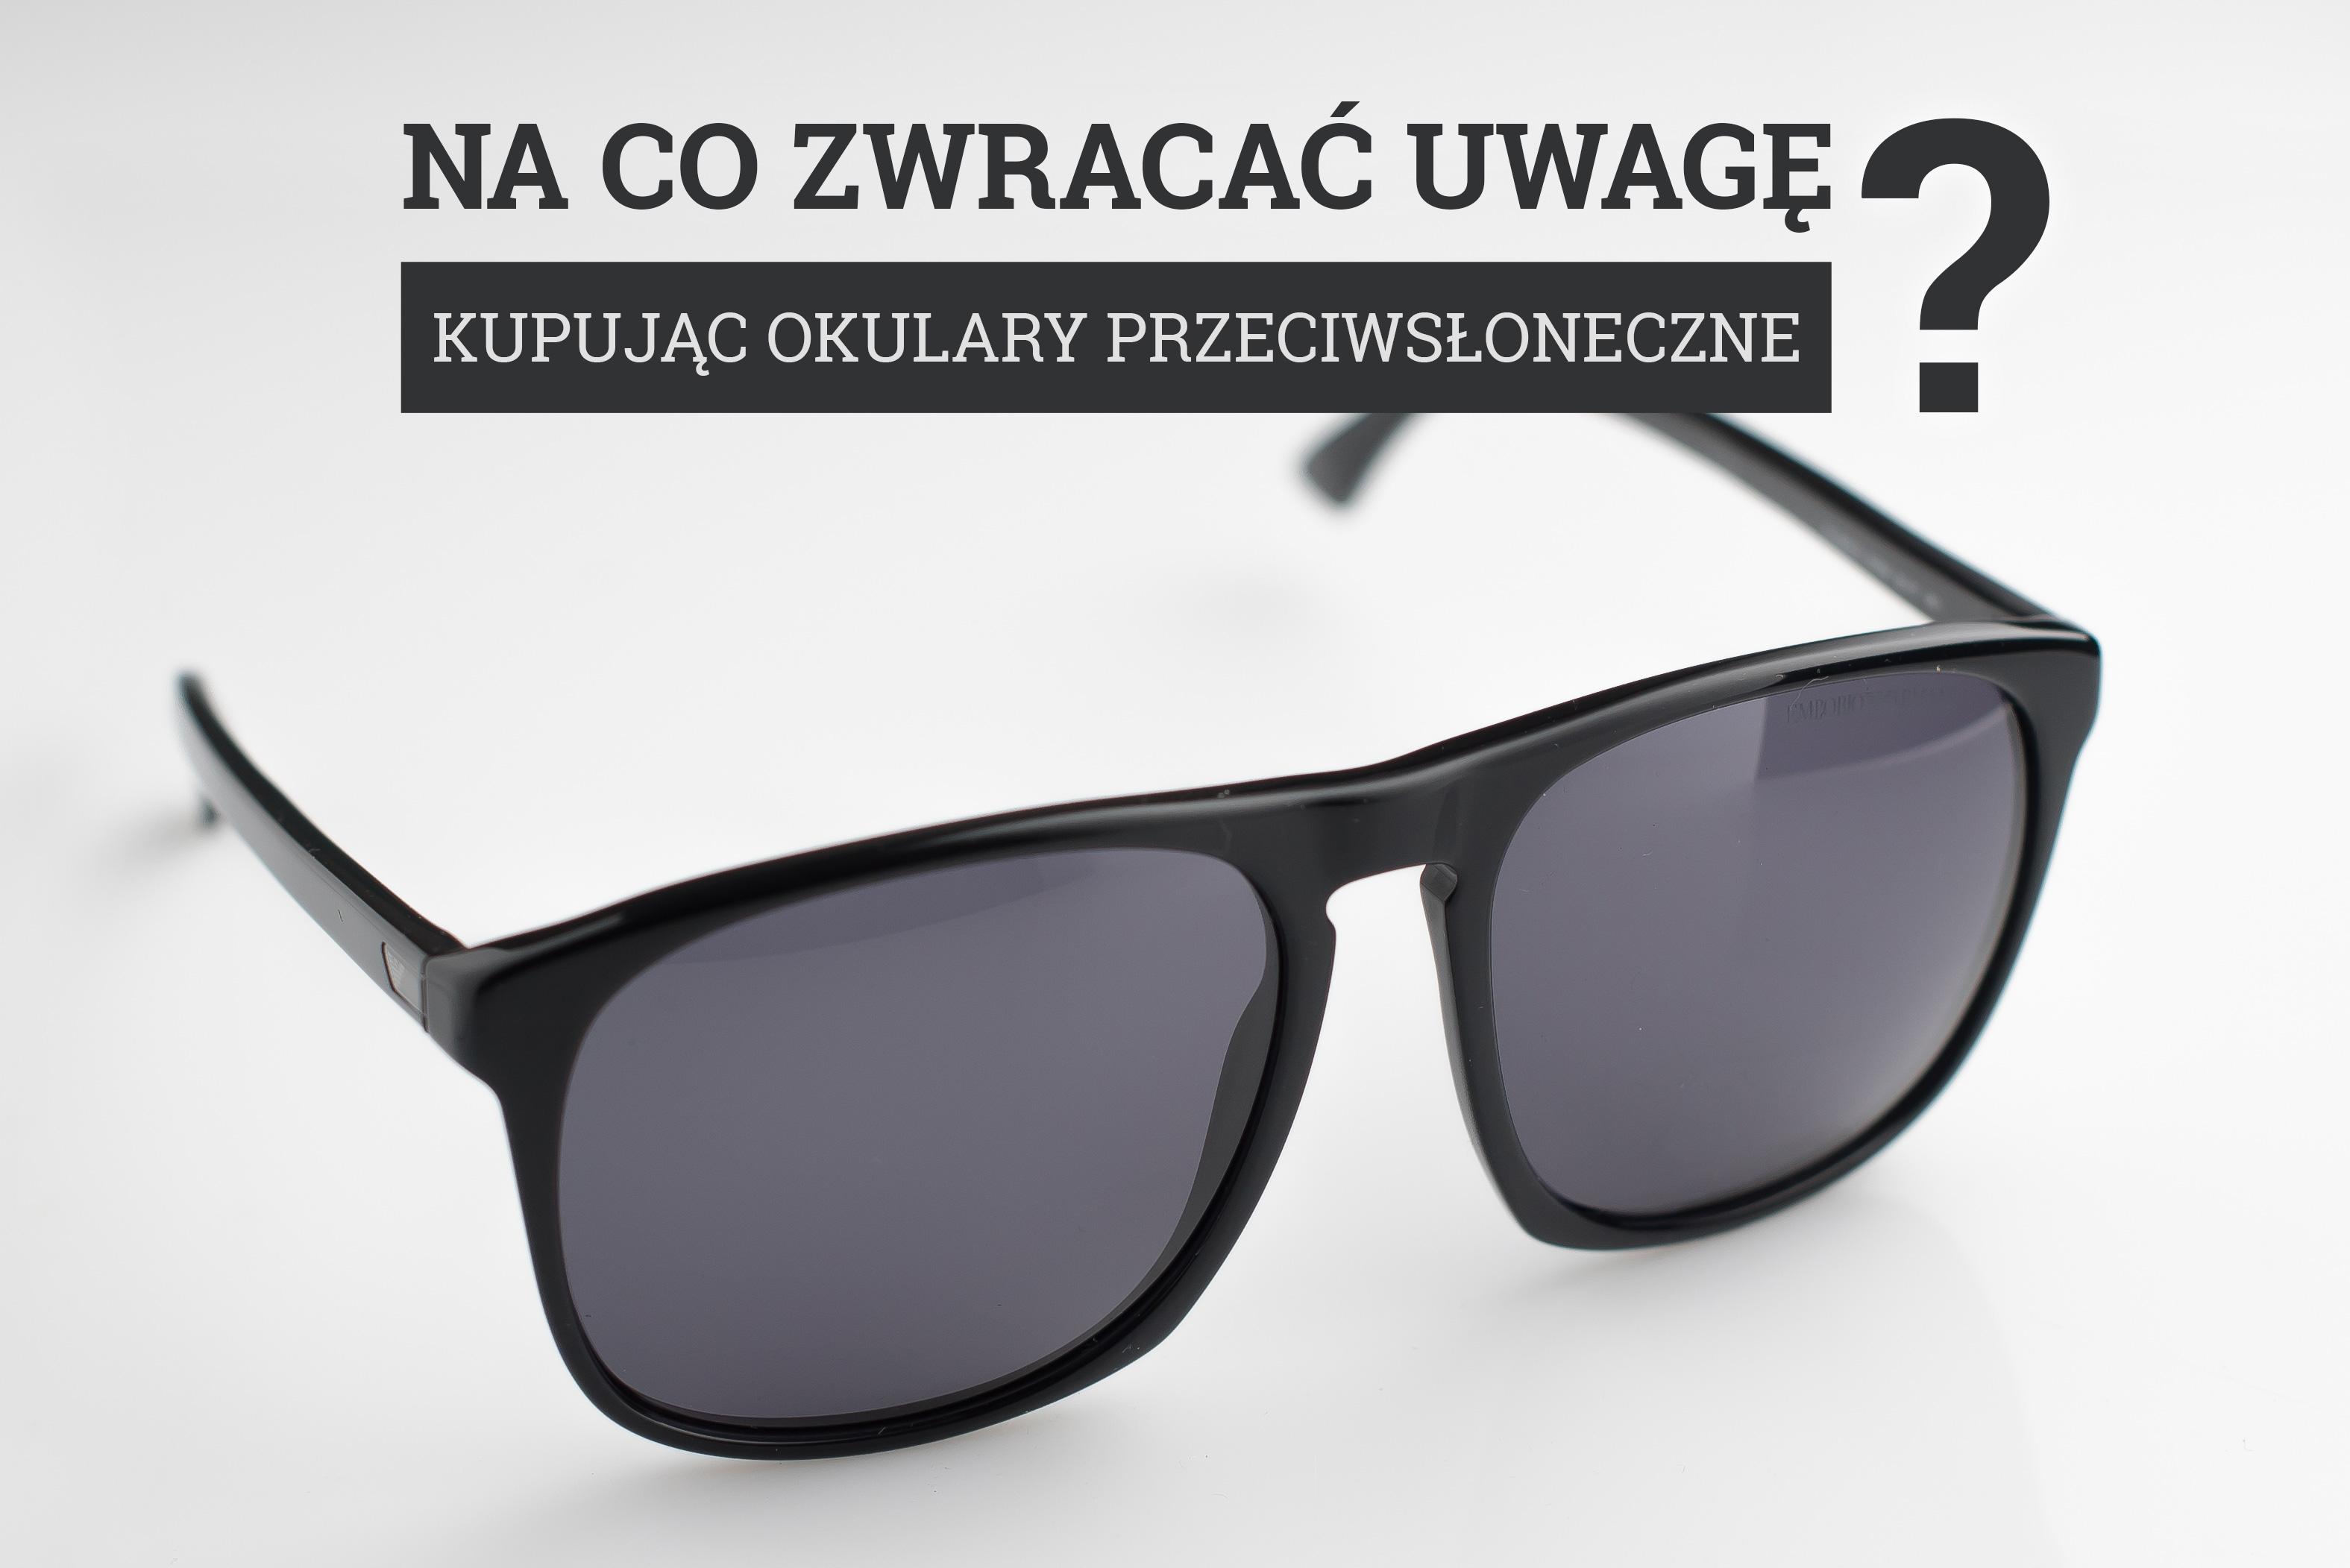 okulary przeciwsłoneczne - zakup